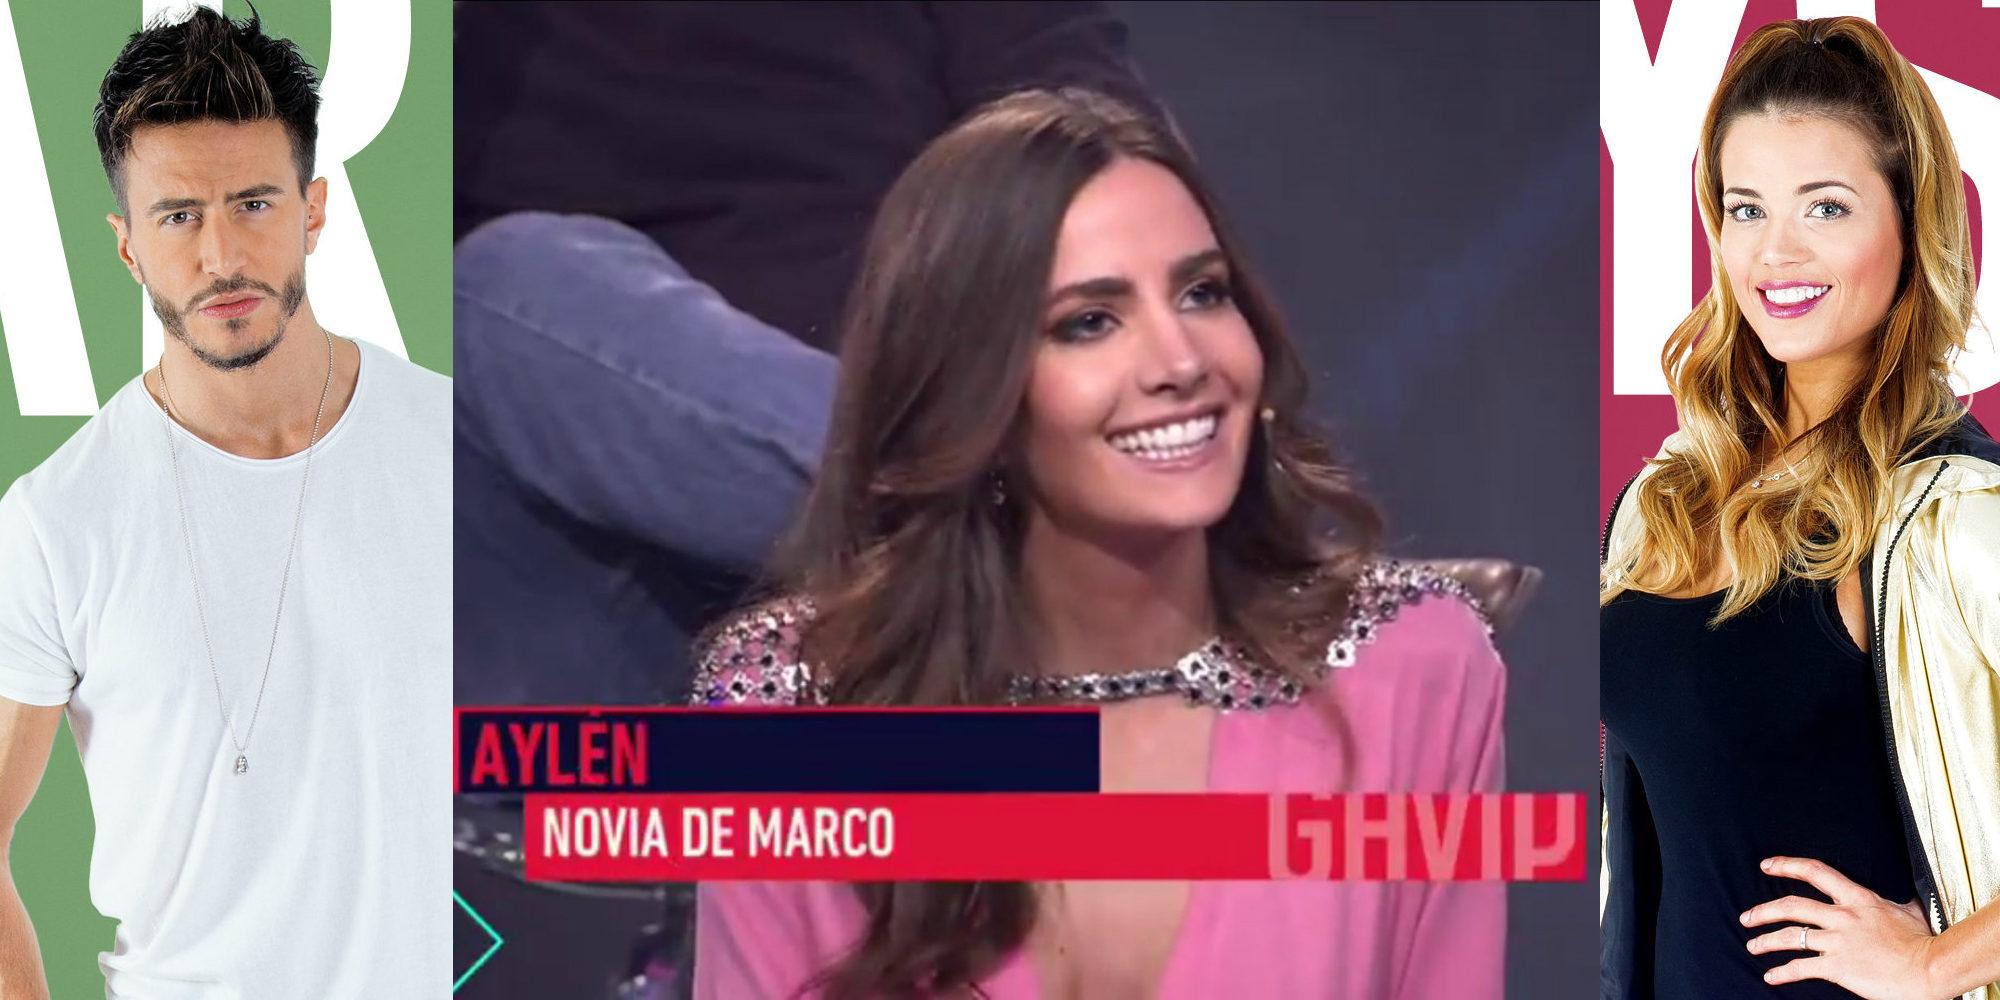 """Marco Ferri ('GH VIP 5'), destrozado tras la llamada de su novia Aylén: """"No le he faltado el respeto"""""""